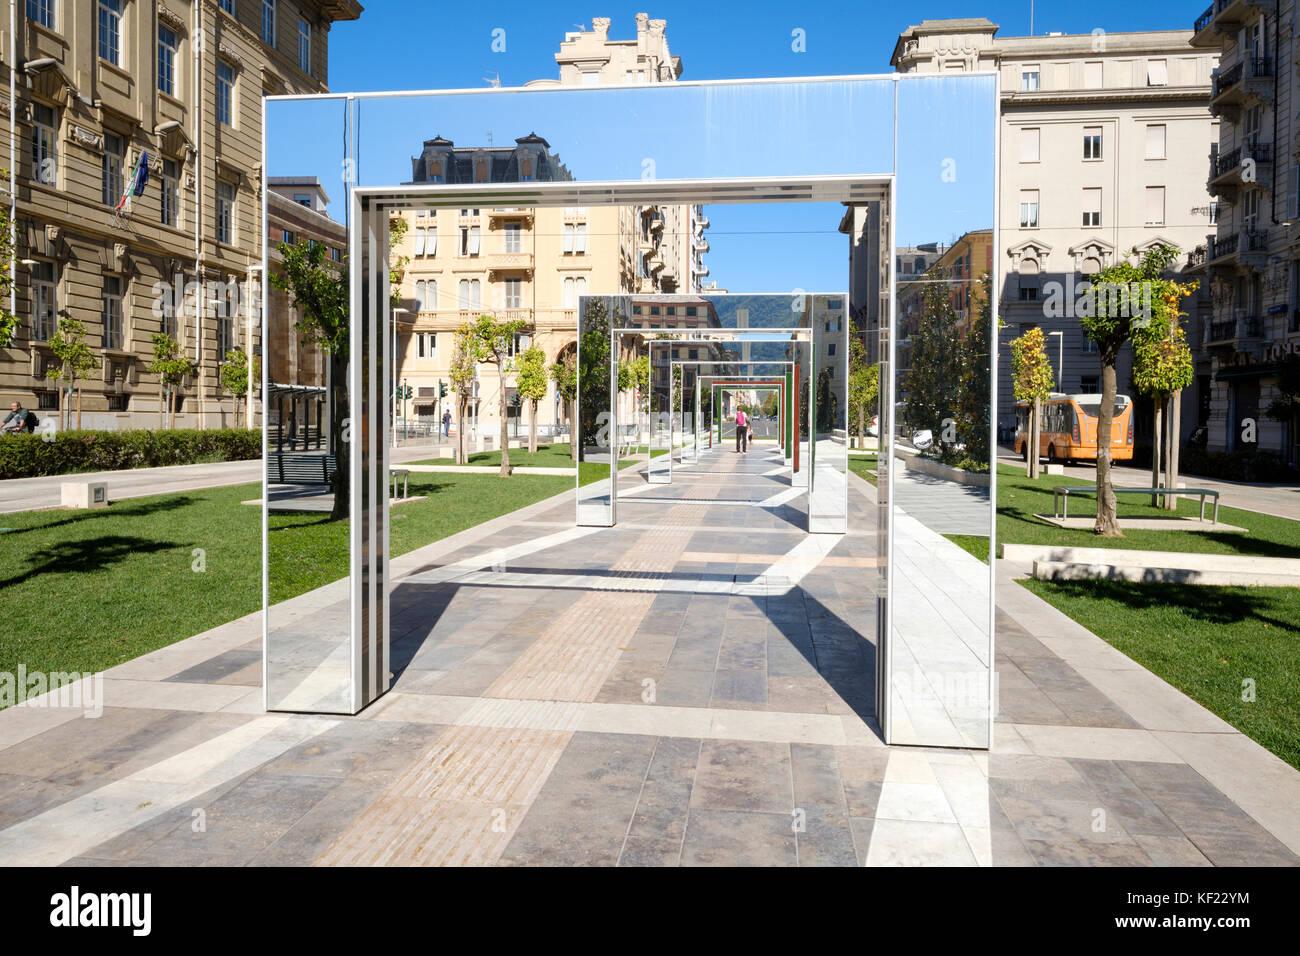 Structures miroir par Daniel Buren sur la piazza Verdi à la Spezia, ligurie, italie Photo Stock